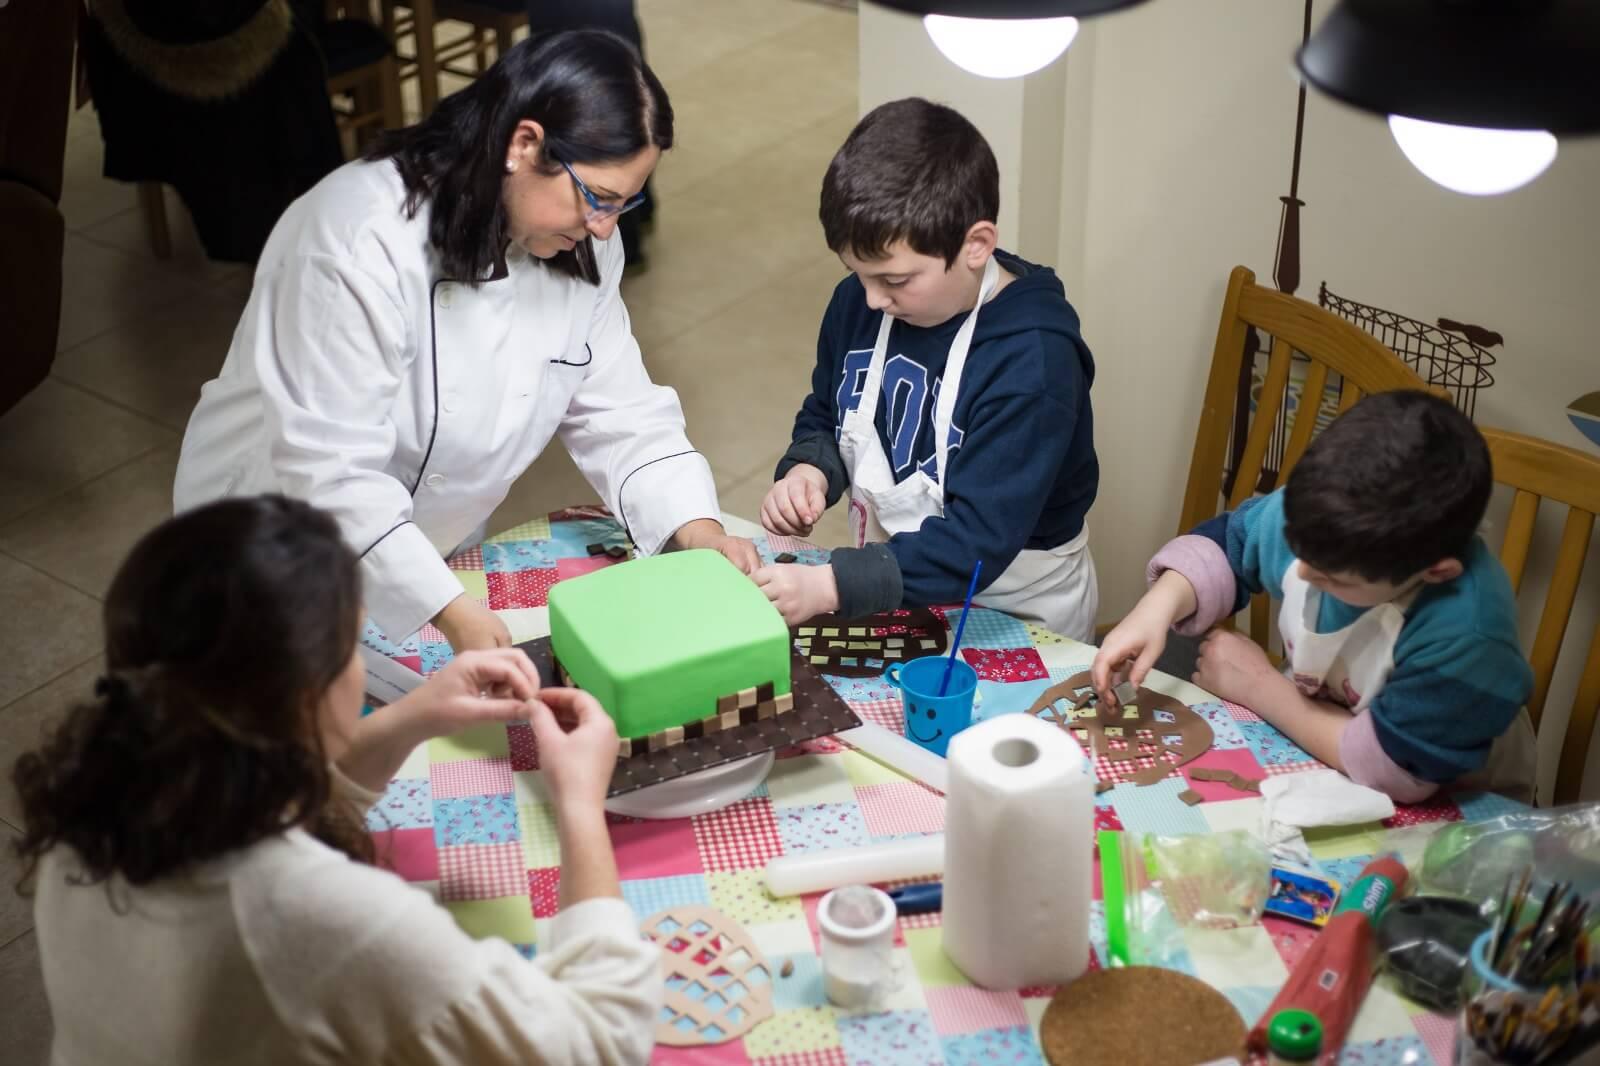 סדנאות יצירה בבצק סוכר לילדים, הכנת עוגת מיינקראפט - דורית יחיאל